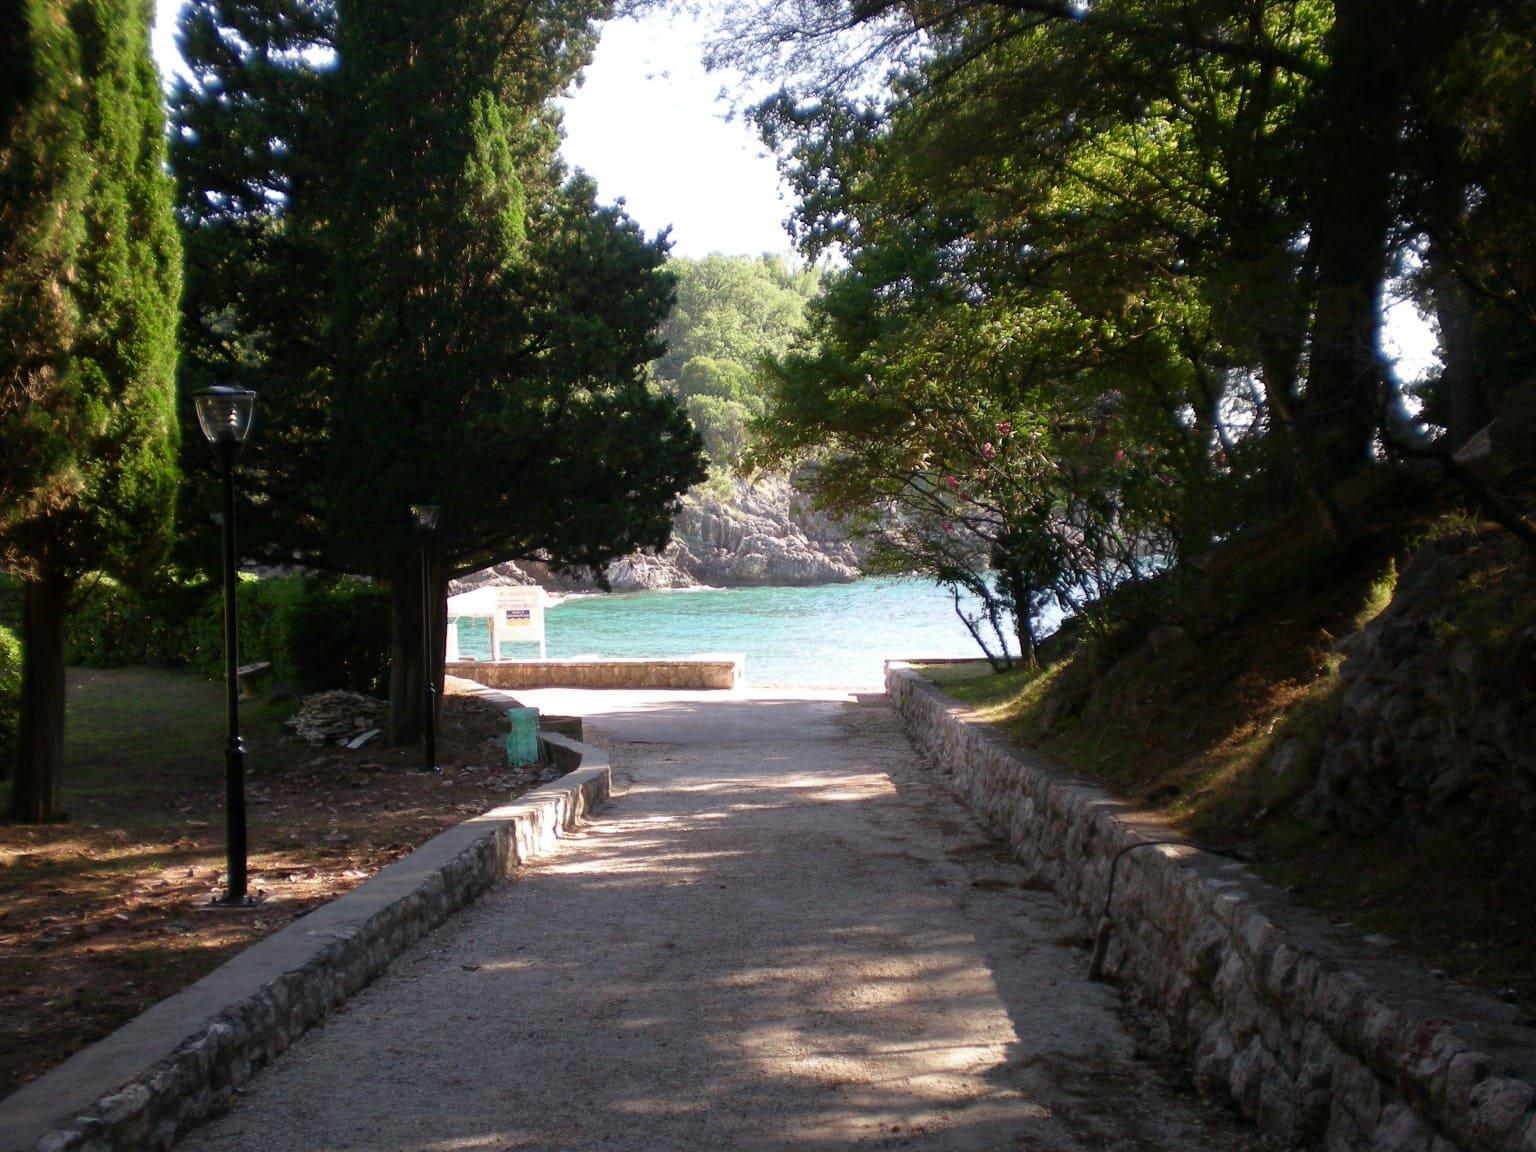 Milocer park